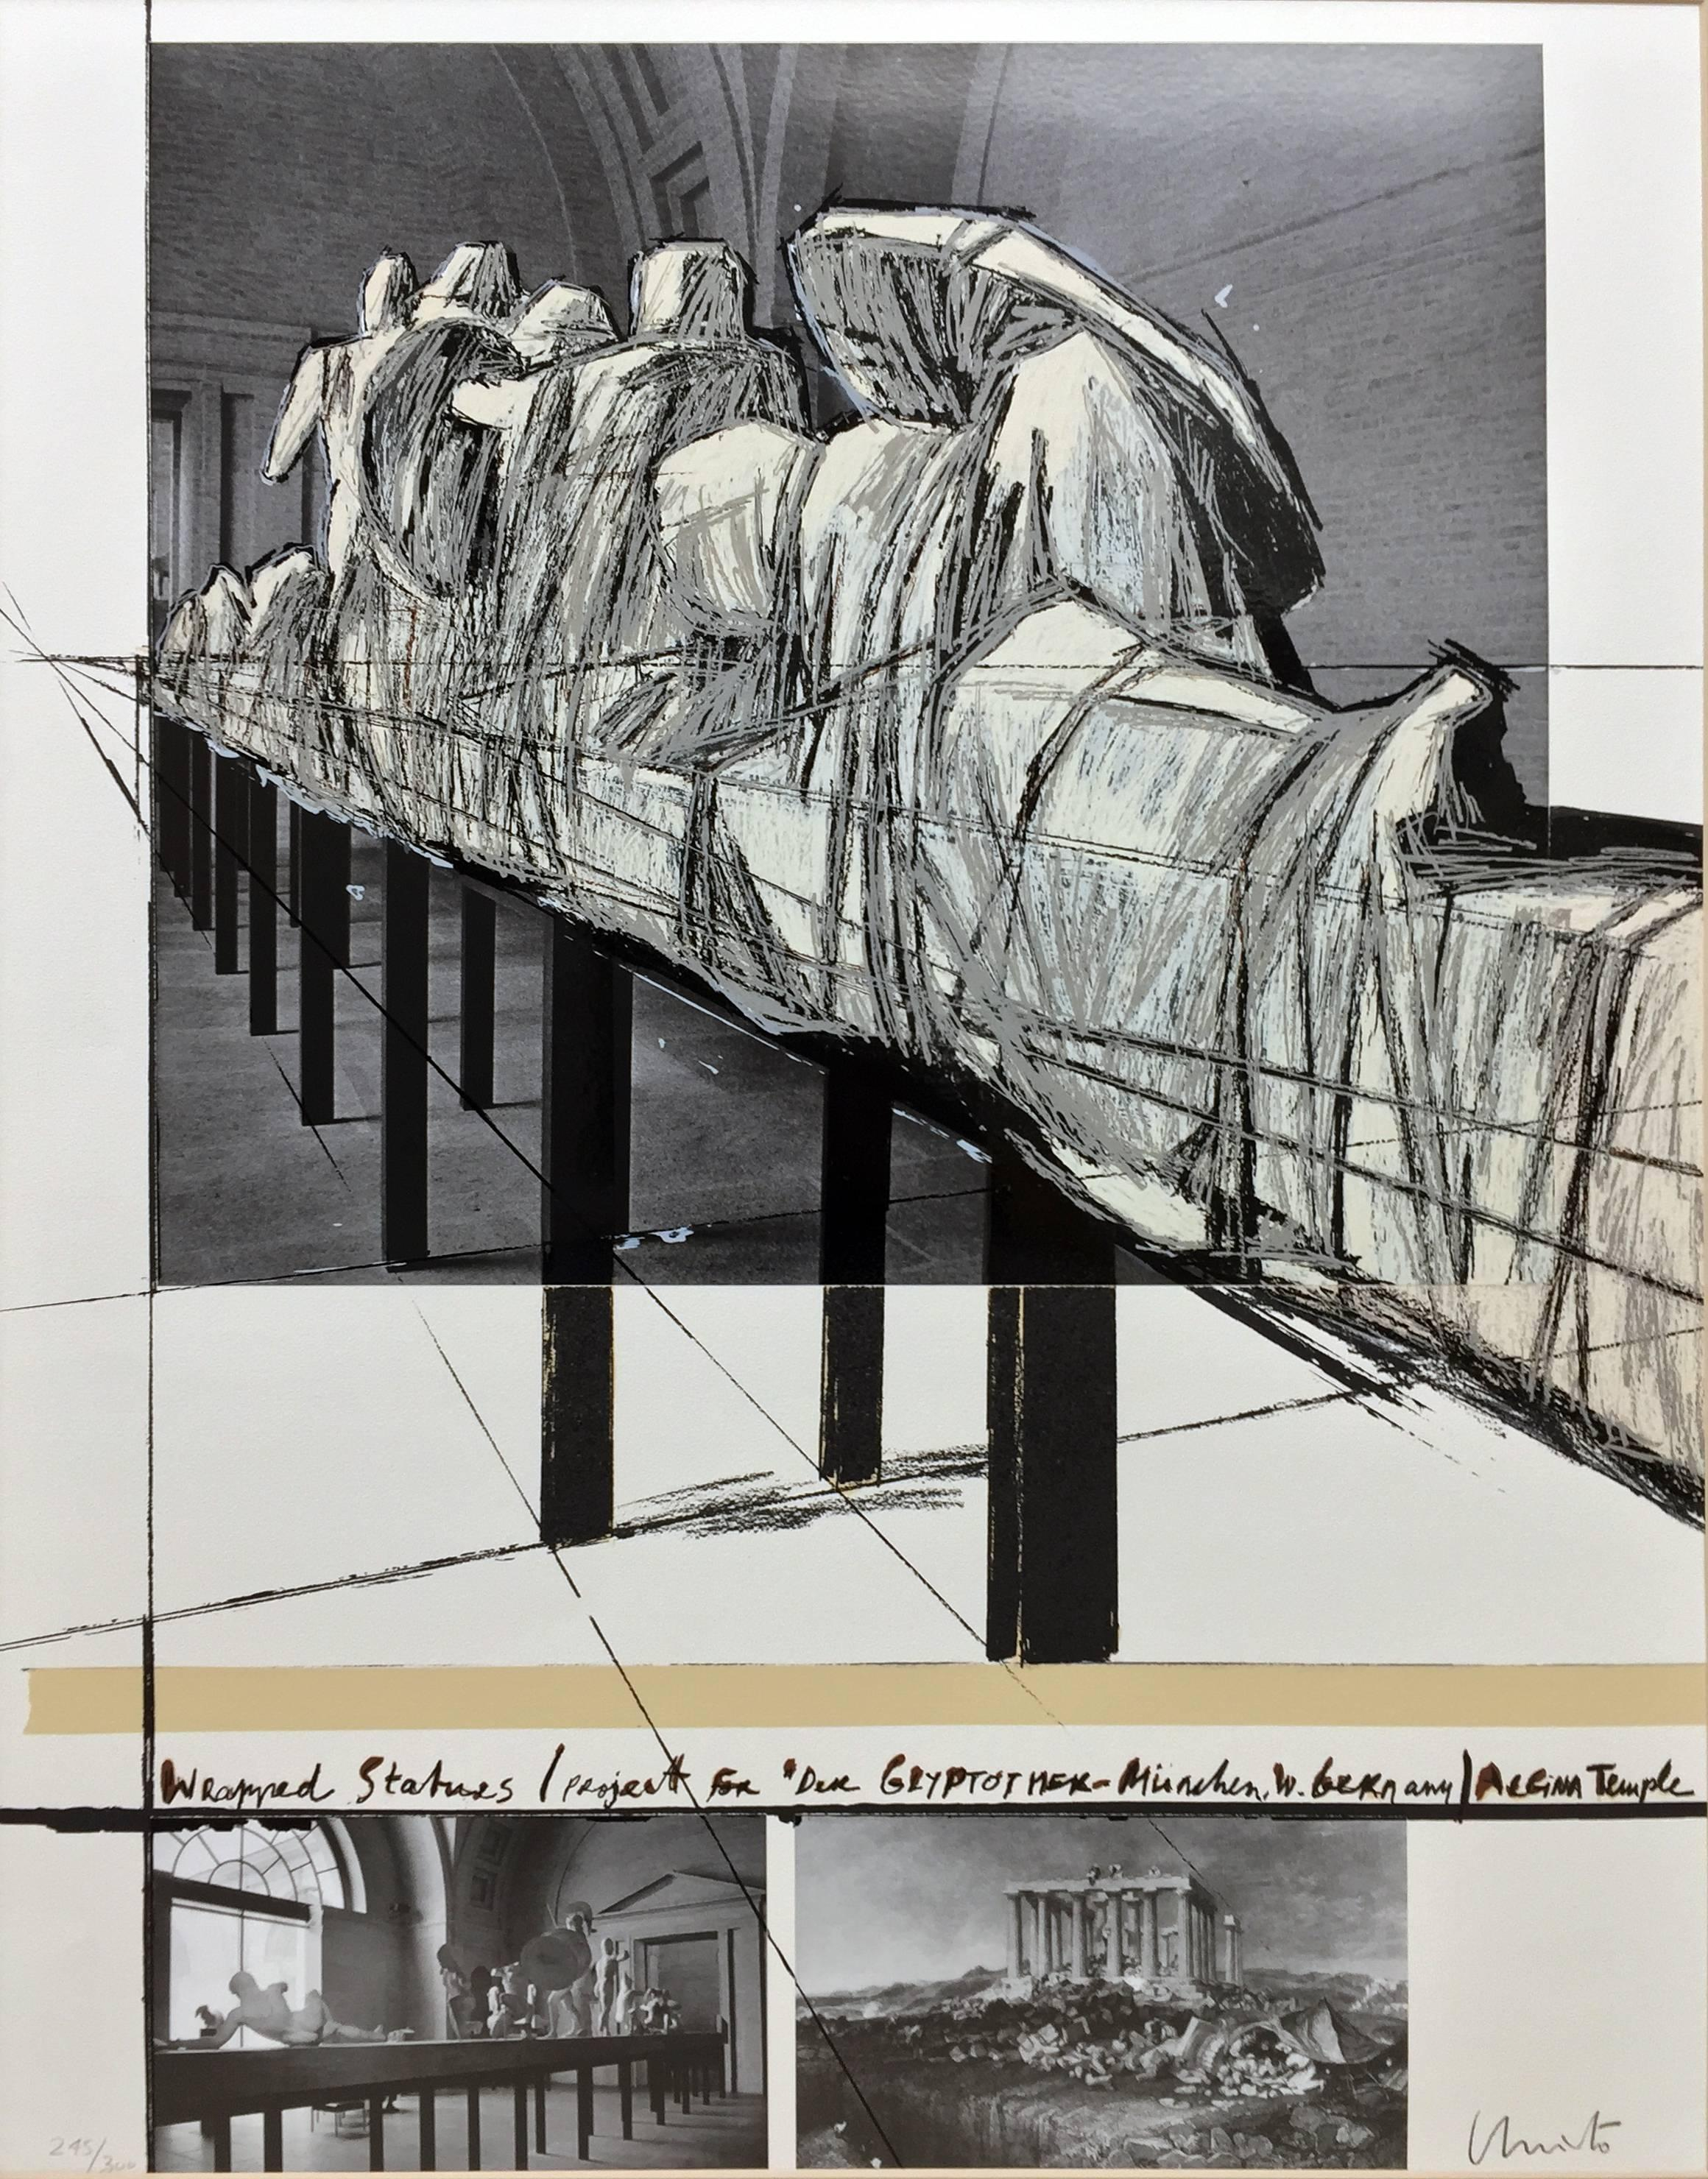 Wrapped Statues (Project for Der Glyptotek in Munich Aegean Temple)